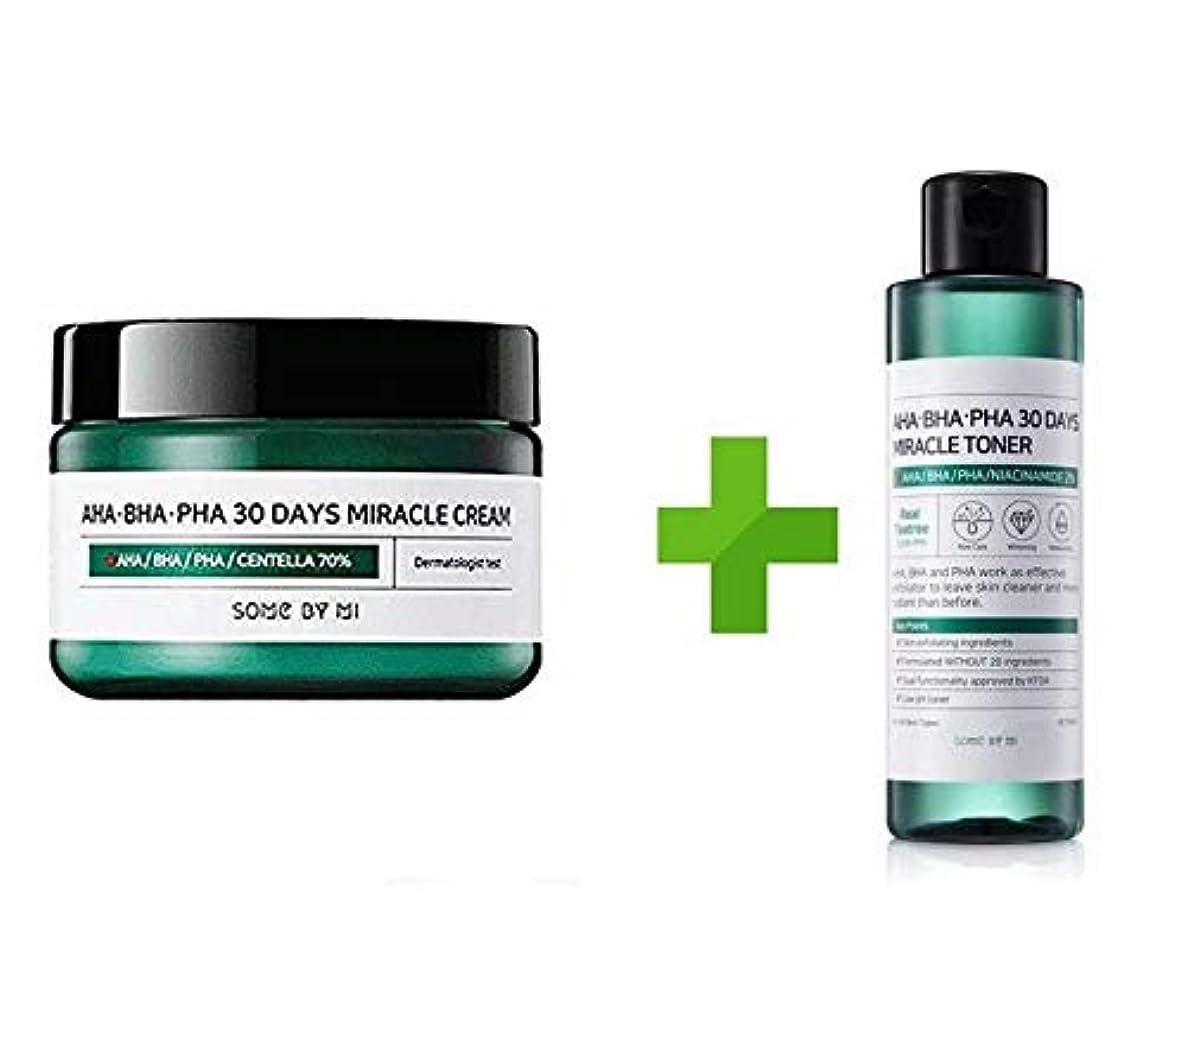 渇き追い付く薄汚いSomebymi AHA BHA PHA Miracle Cream (50ml + Toner 150ml)Skin Barrier & Recovery, Soothing with Tea Tree 10,000ppm...